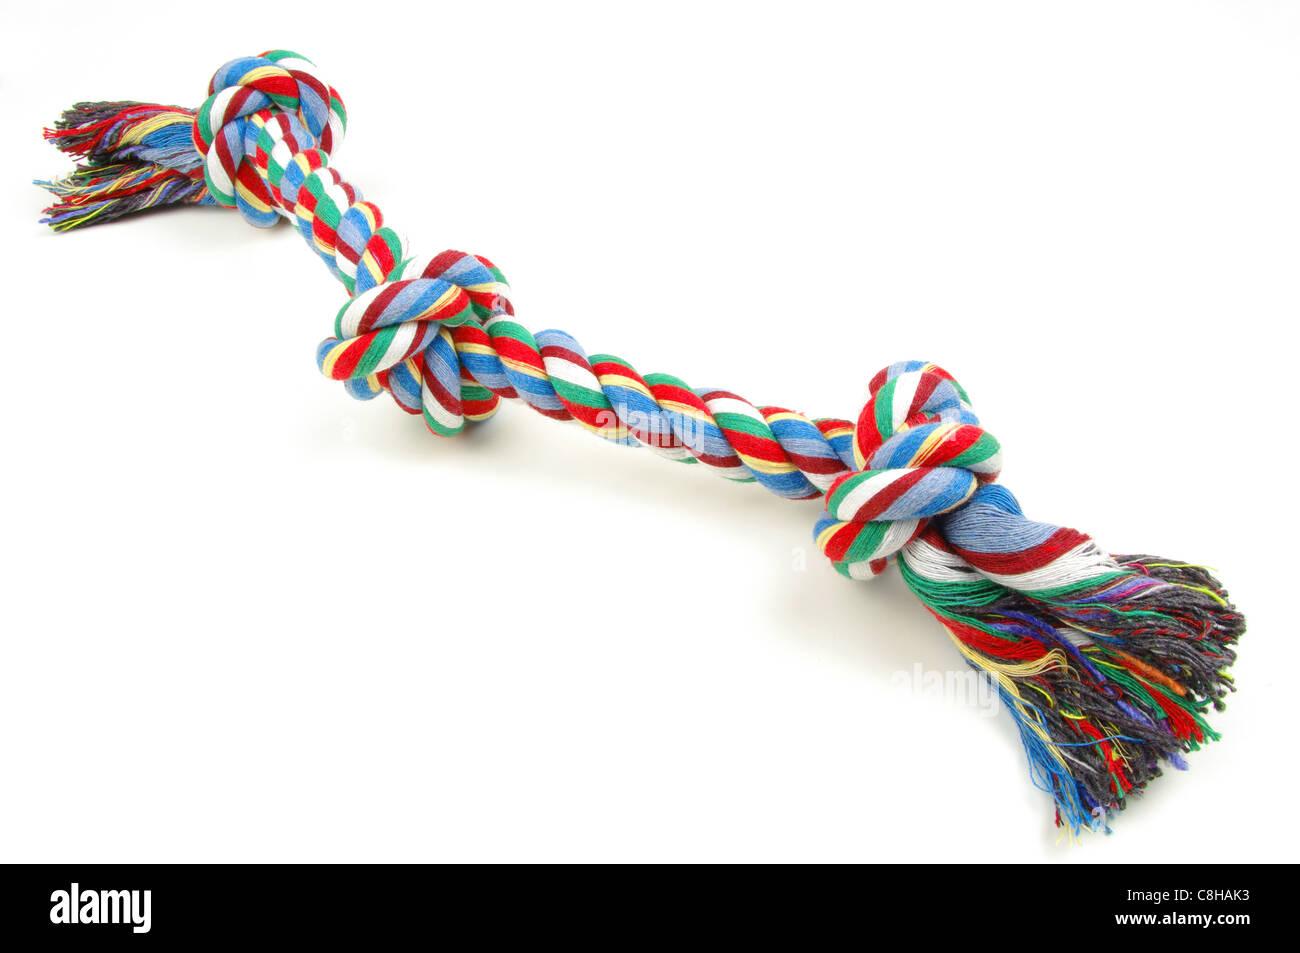 jouet pour chien corde Photo Stock